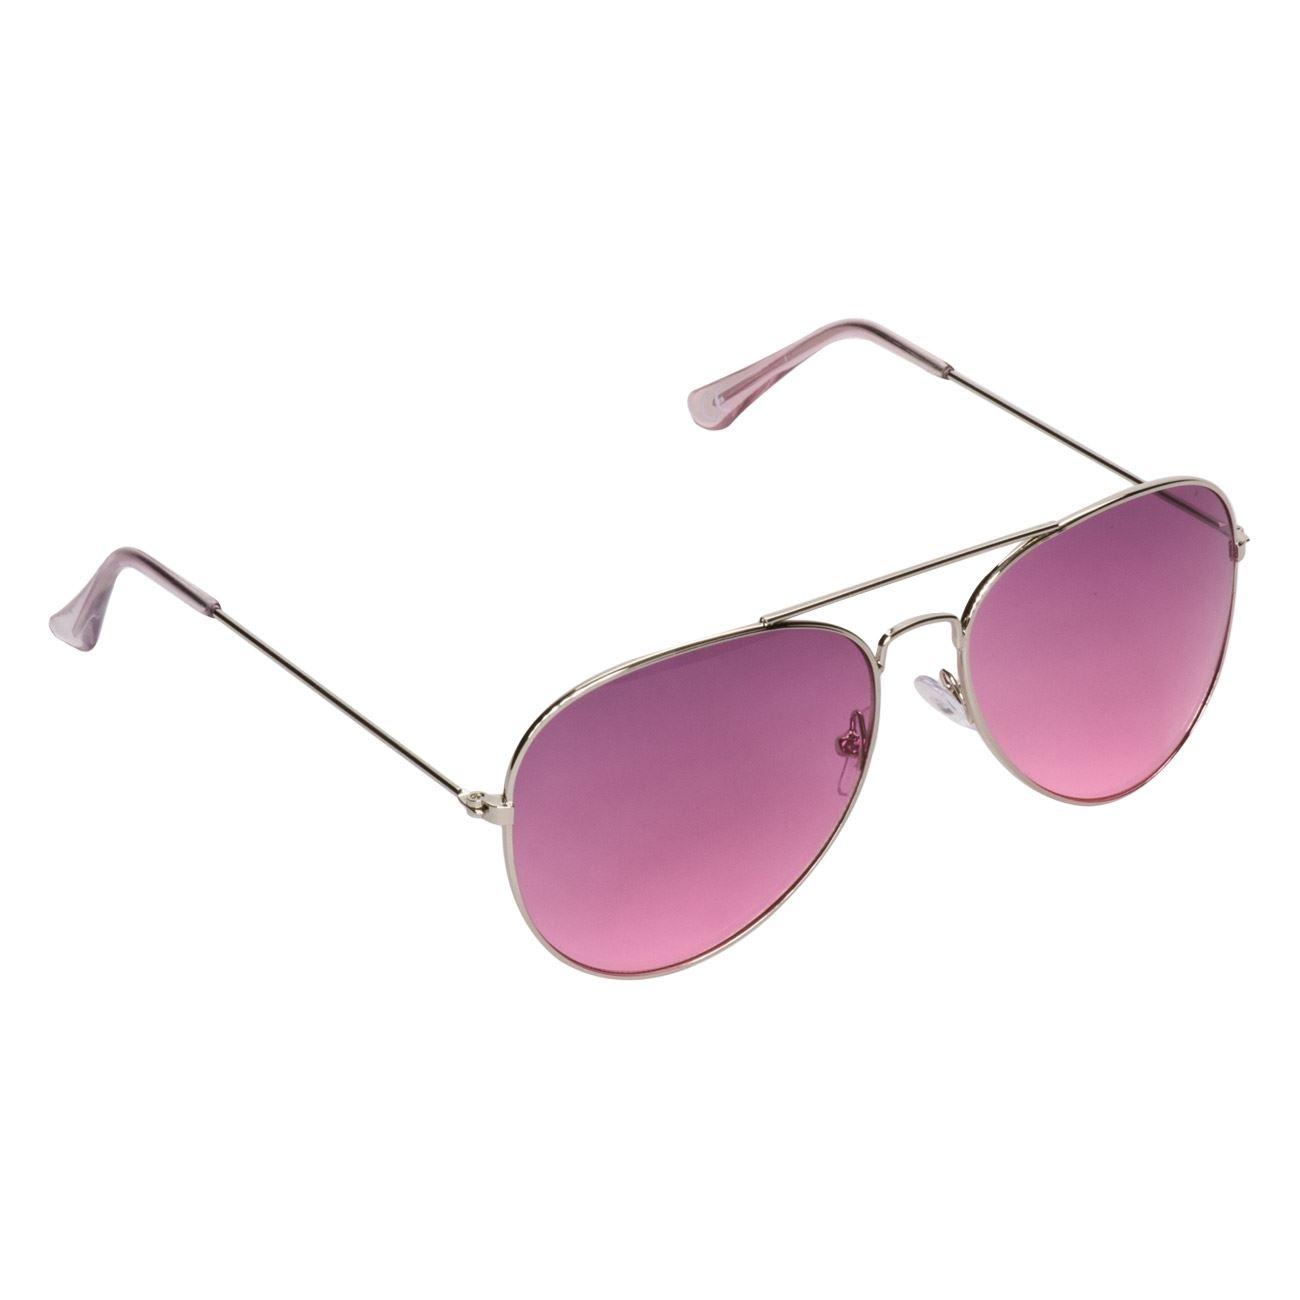 aaa2d2952d Γυαλιά Ηλίου Γυναικεία Μεταλλικά Ροζ Καθρέφτες   Γυαλιά Ηλίου Γυναικεία